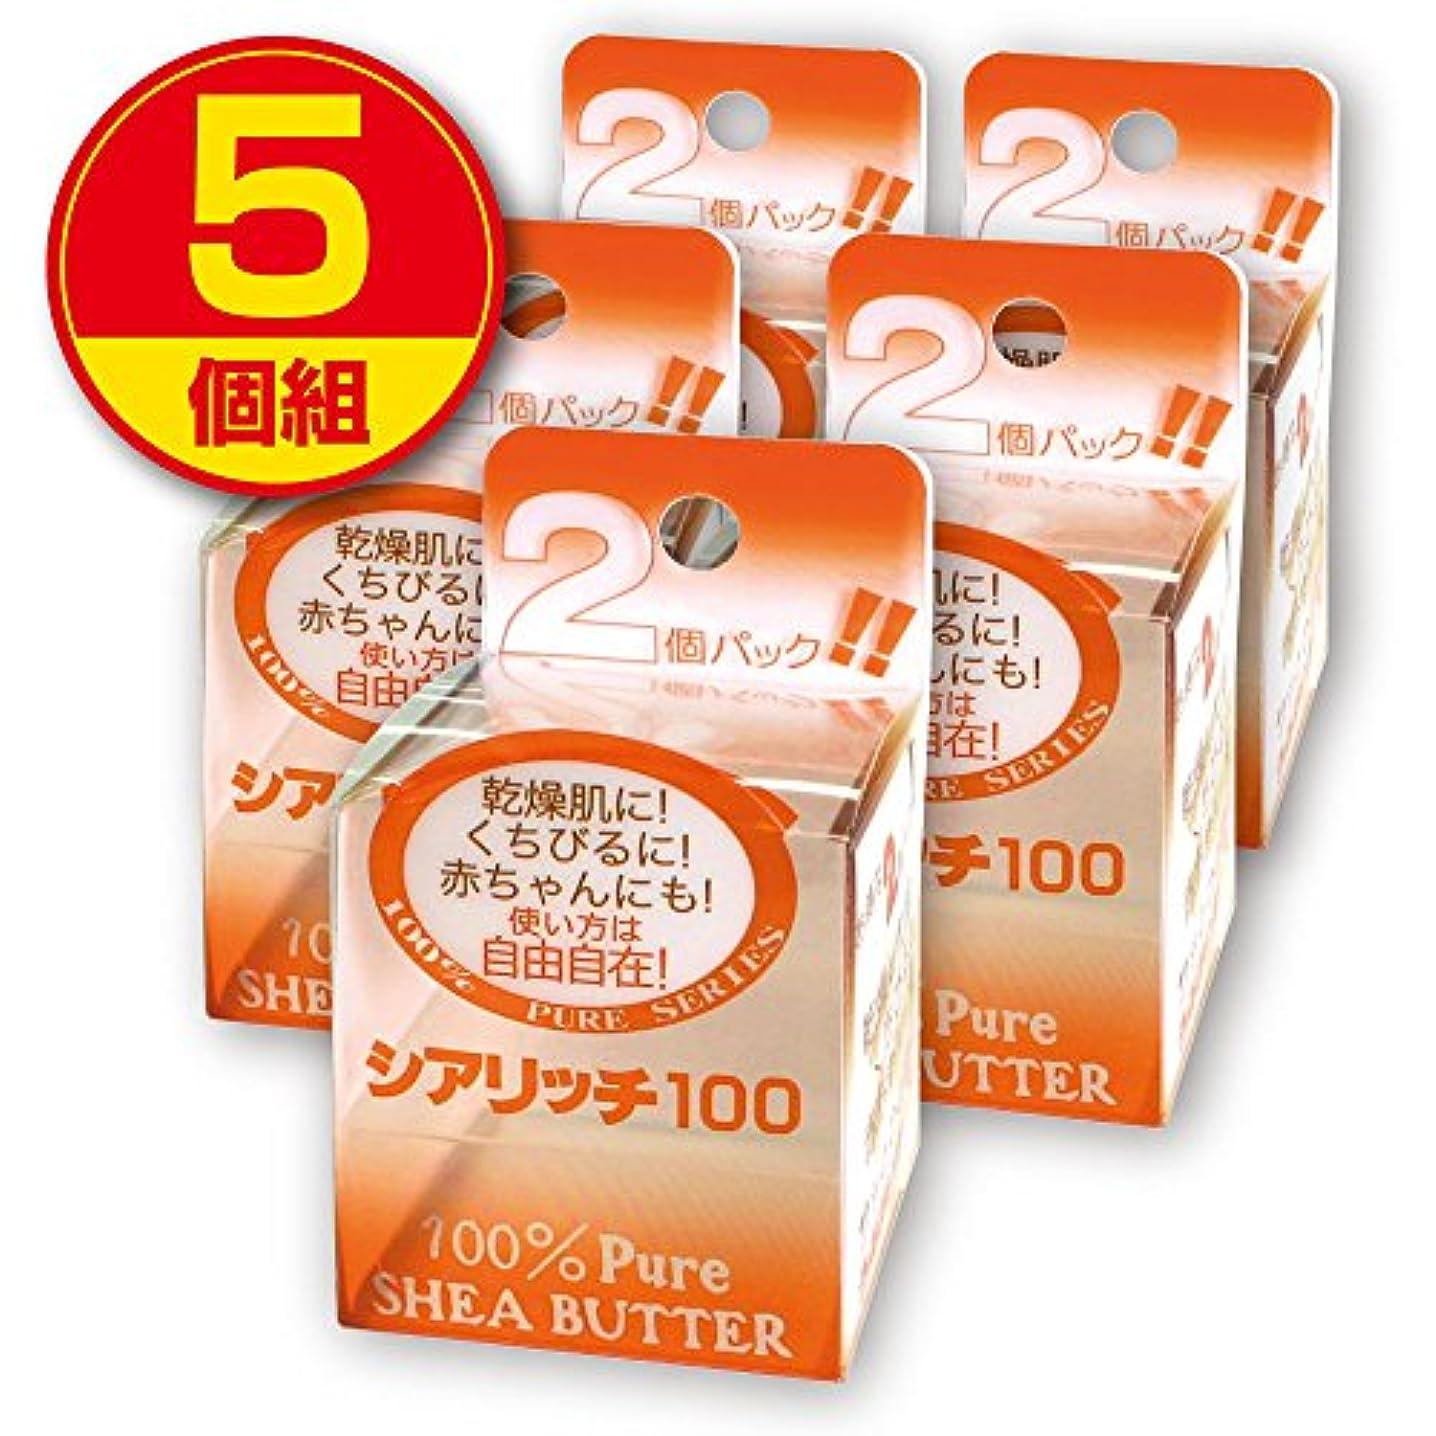 レポートを書くゲートウェイ噂日本天然物研究所 シアリッチ100 (8g×2個入り)【5個組】(無添加100%シアバター)無香料